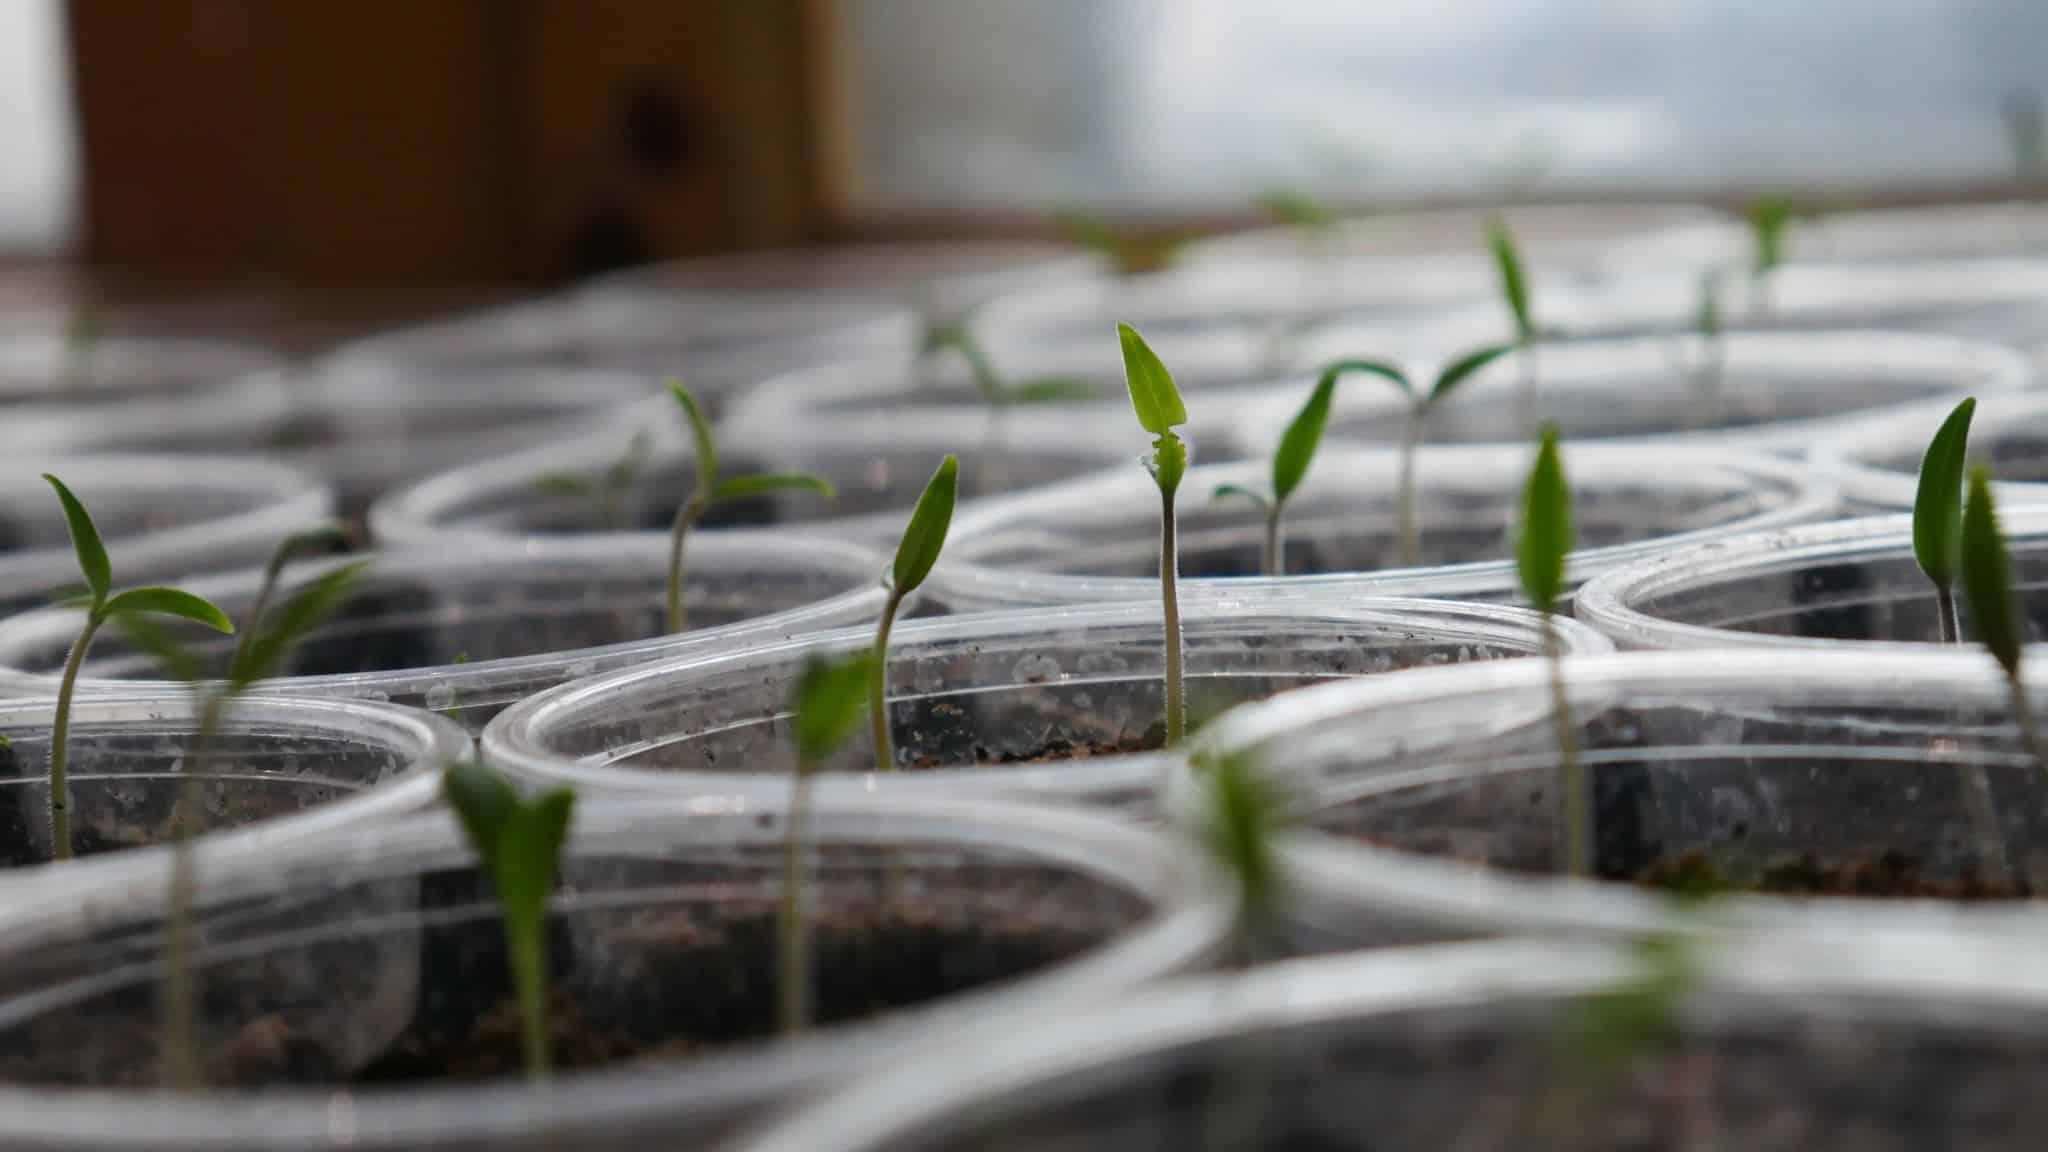 Seedslings